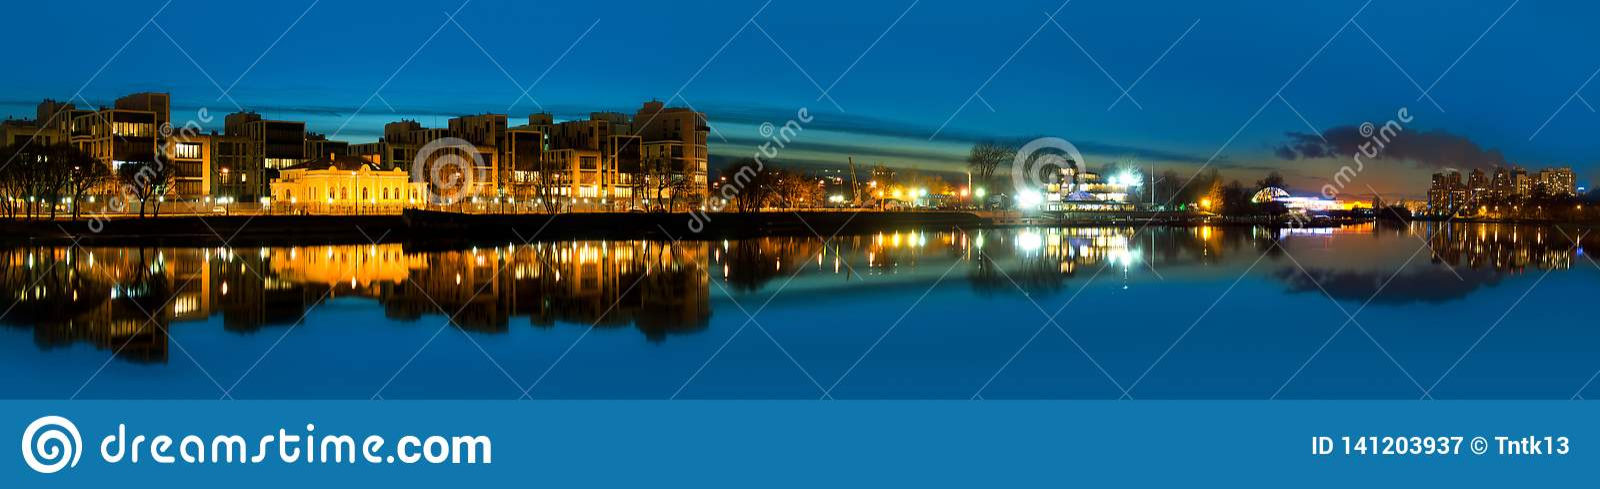 Nocy panoramiczna fotografia rzeka i miasto - St Petersburg i, federacja rosyjska